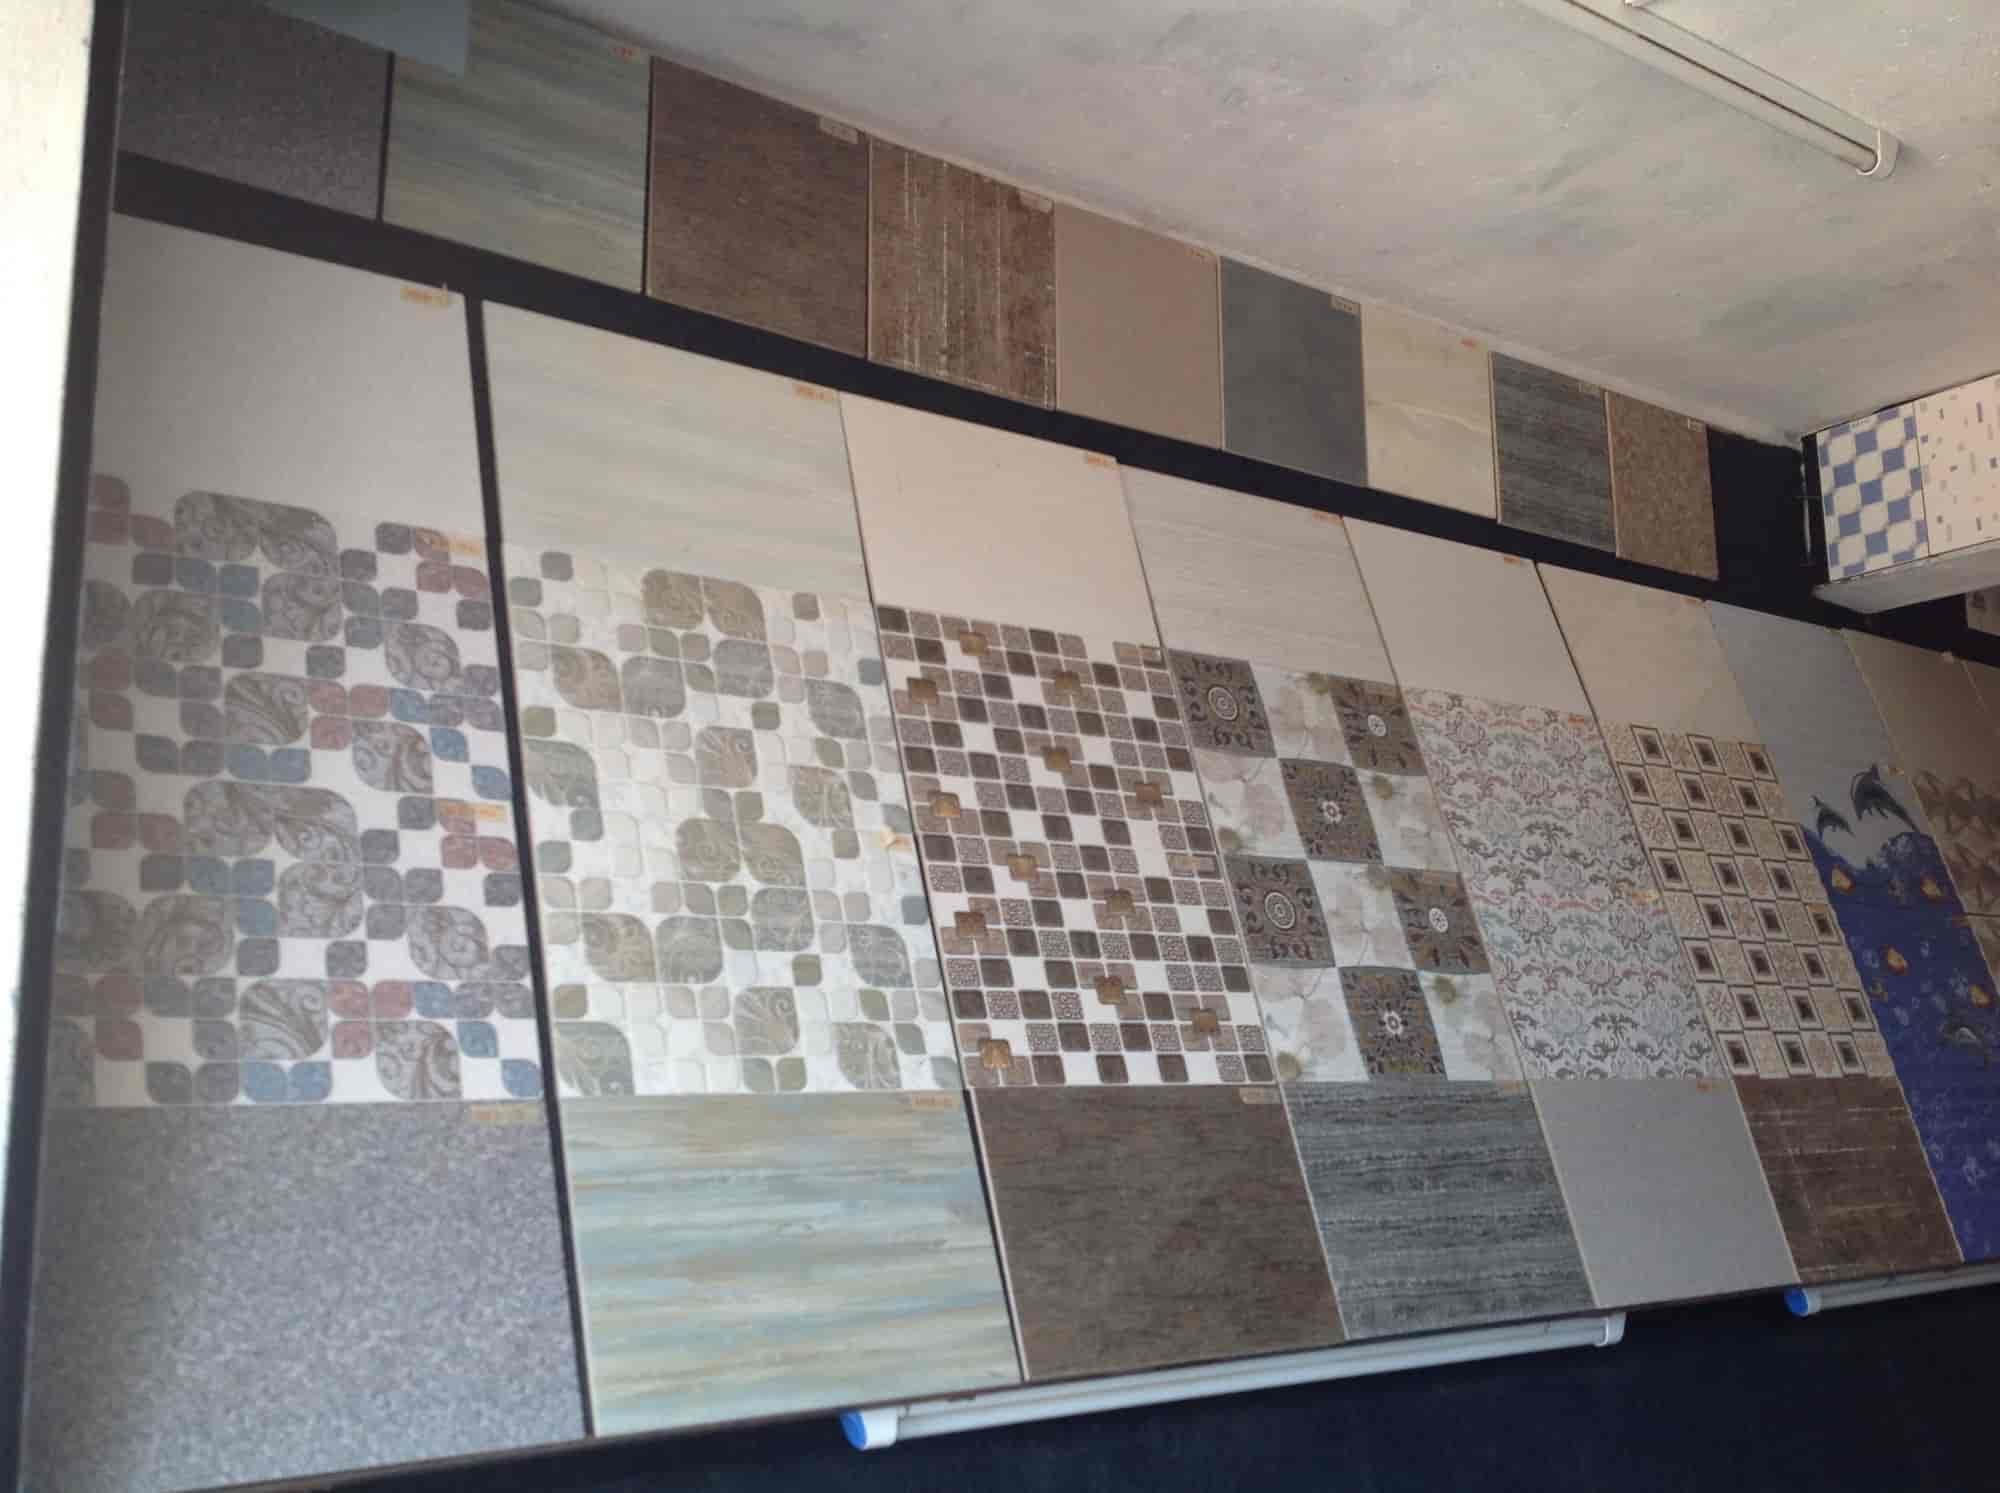 C H S Ceramic & Tiles, Anjanapura - Tile Dealers in Bangalore - Justdial